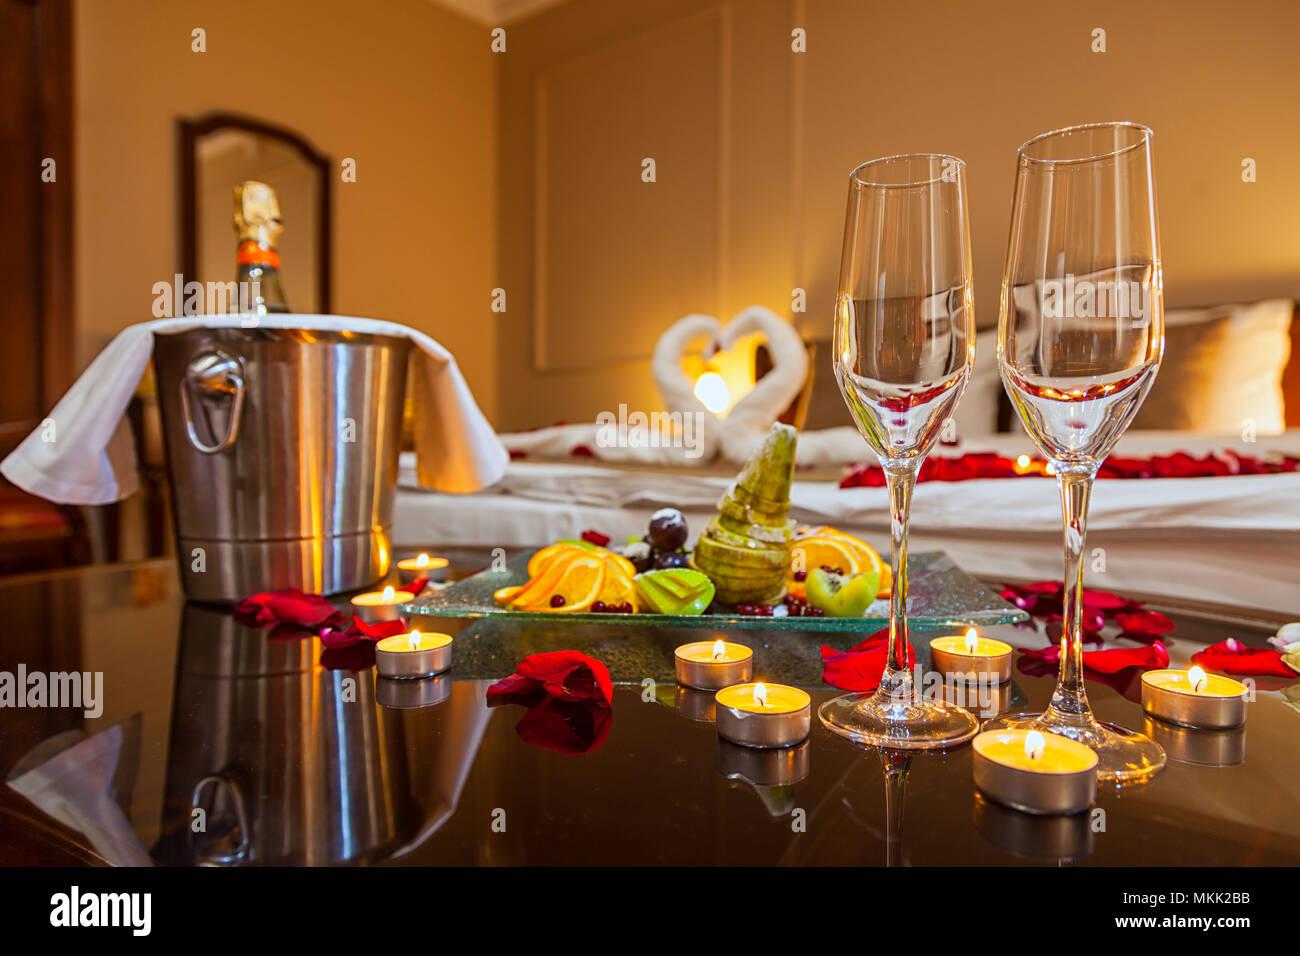 Hotel Zimmer Für Eine Hochzeitsreise: Eine Tabelle Mit Einem Obstteller Und  Kerzen, Im Hintergrund Ein Bett Mit Schwäne Aus Handtüchern Dekoriert Und  ...